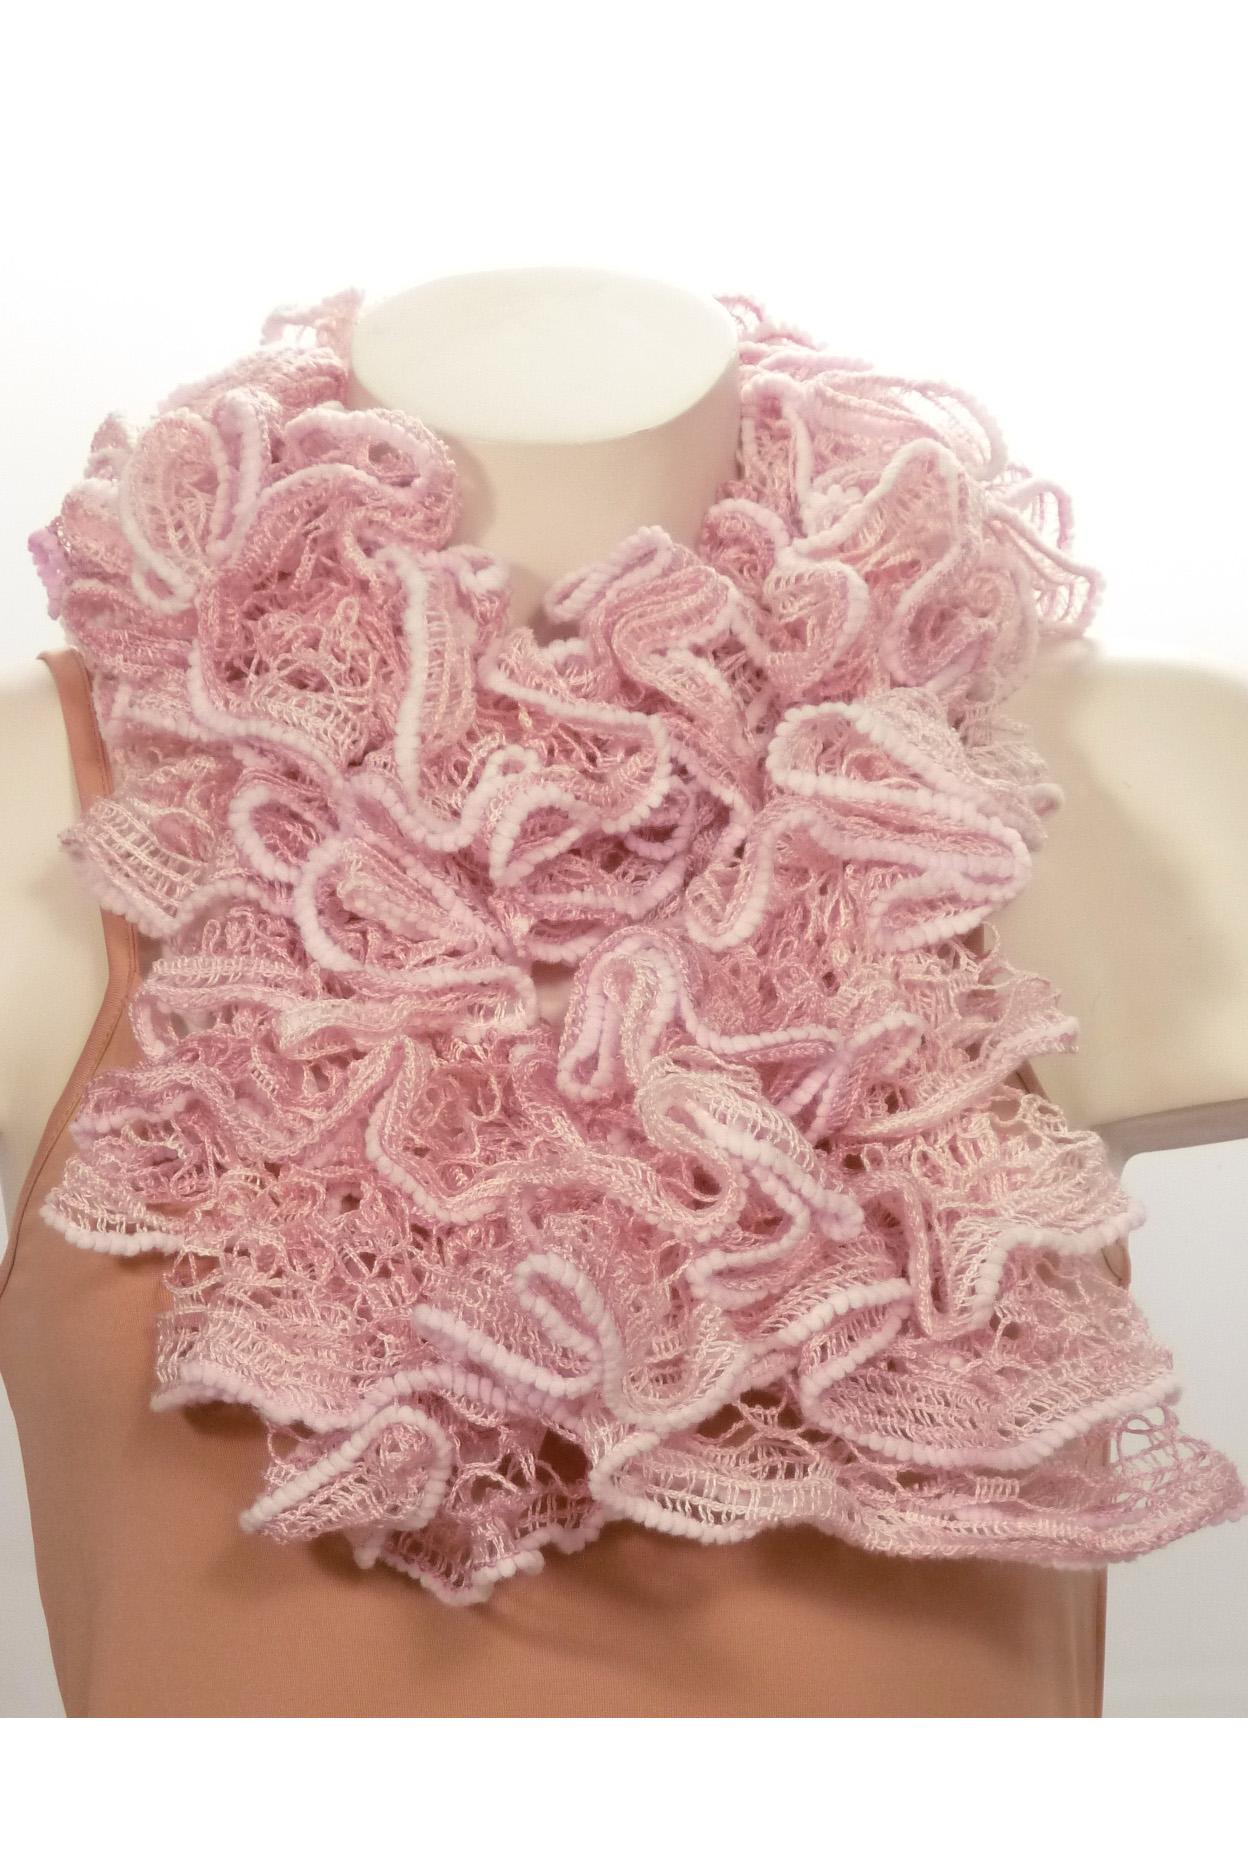 ШарфШарфы<br>Вязанный шарф придаст вашему образу романтичности. Этот удобный длинный кружевной шарф вяжут оригинальным узором,  который позволяет создать эффектные воланы.  Длина шарфа 1,5 метра.  В изделии использованы цвета: розовый<br><br>По сезону: Зима<br>Размер : UNI<br>Материал: Вязаное полотно<br>Количество в наличии: 3